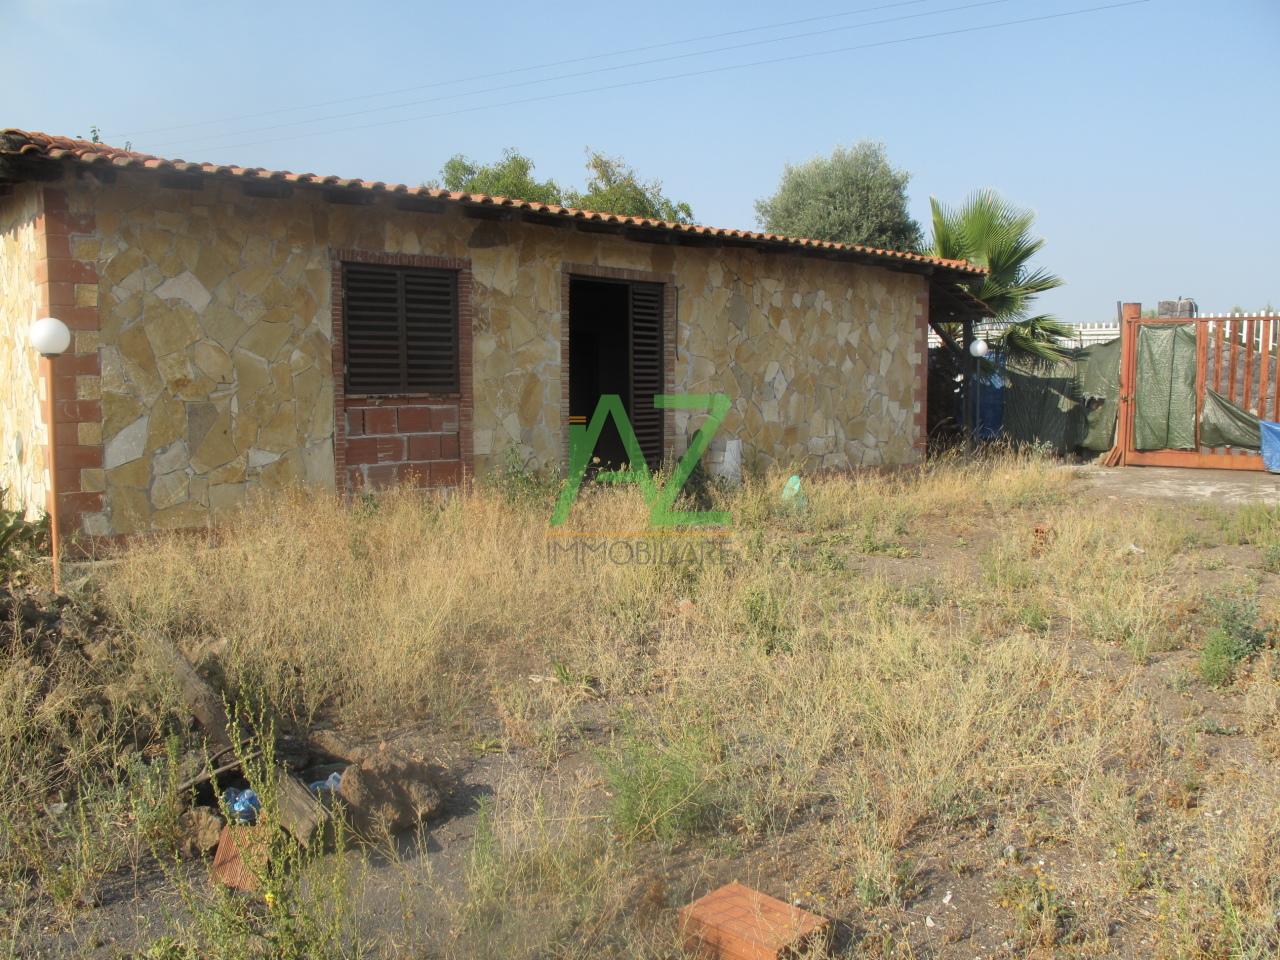 Villa in vendita a Belpasso, 9999 locali, prezzo € 125.000 | Cambio Casa.it